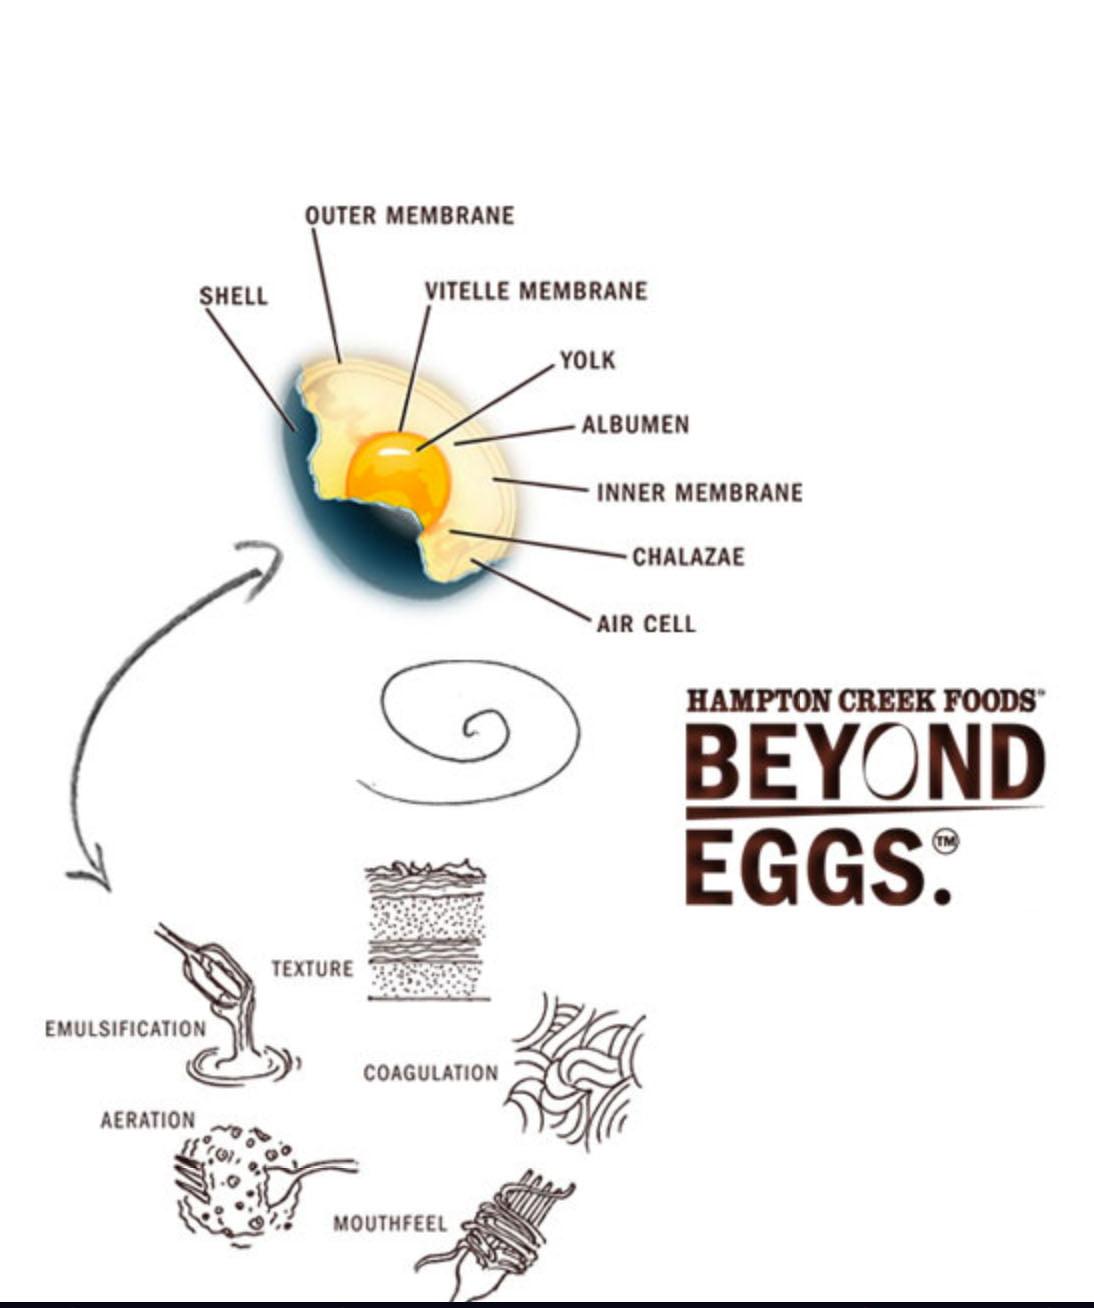 hampton-creek-foods Quand Bill Gates finance les œufs sans poule !